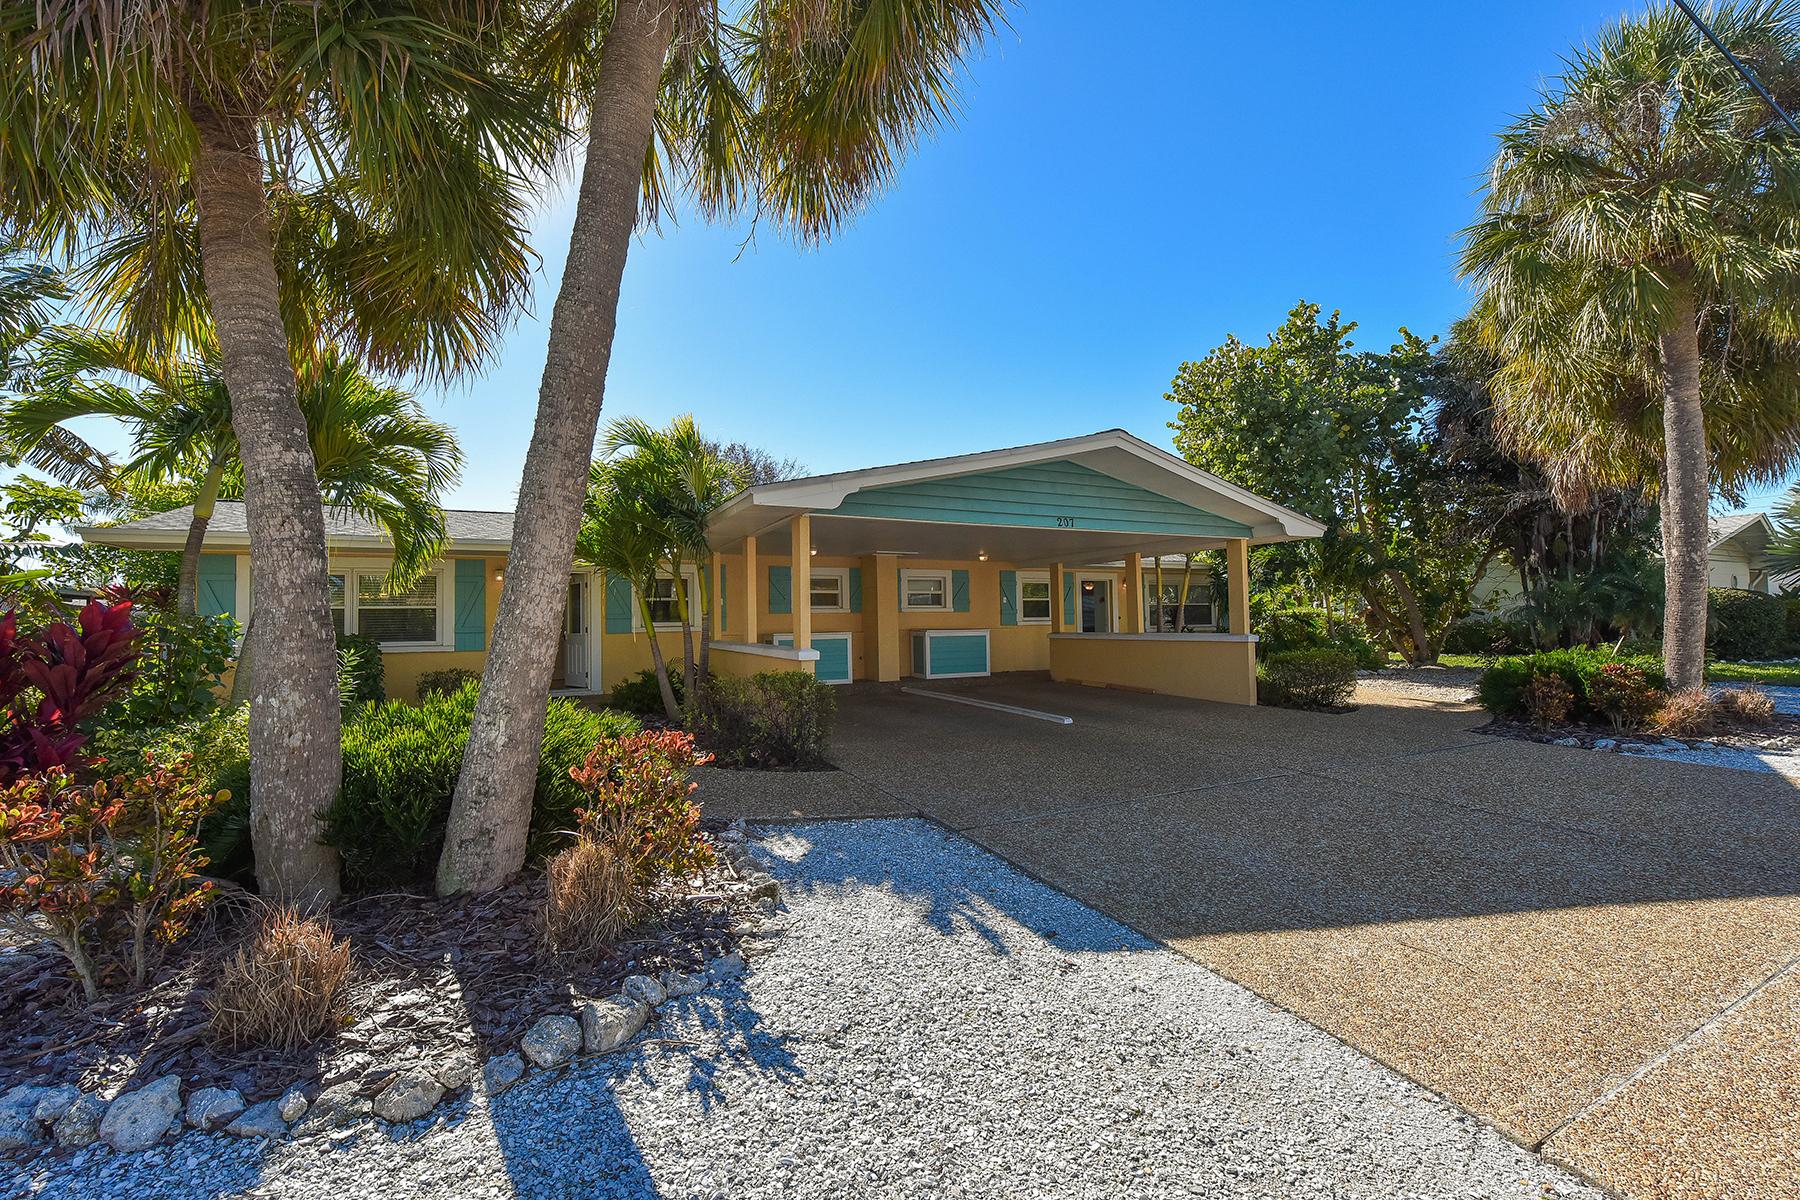 Çok Ailelik Ev için Satış at HOLMES BEACH 207 70th St Holmes Beach, Florida, 34217 Amerika Birleşik Devletleri